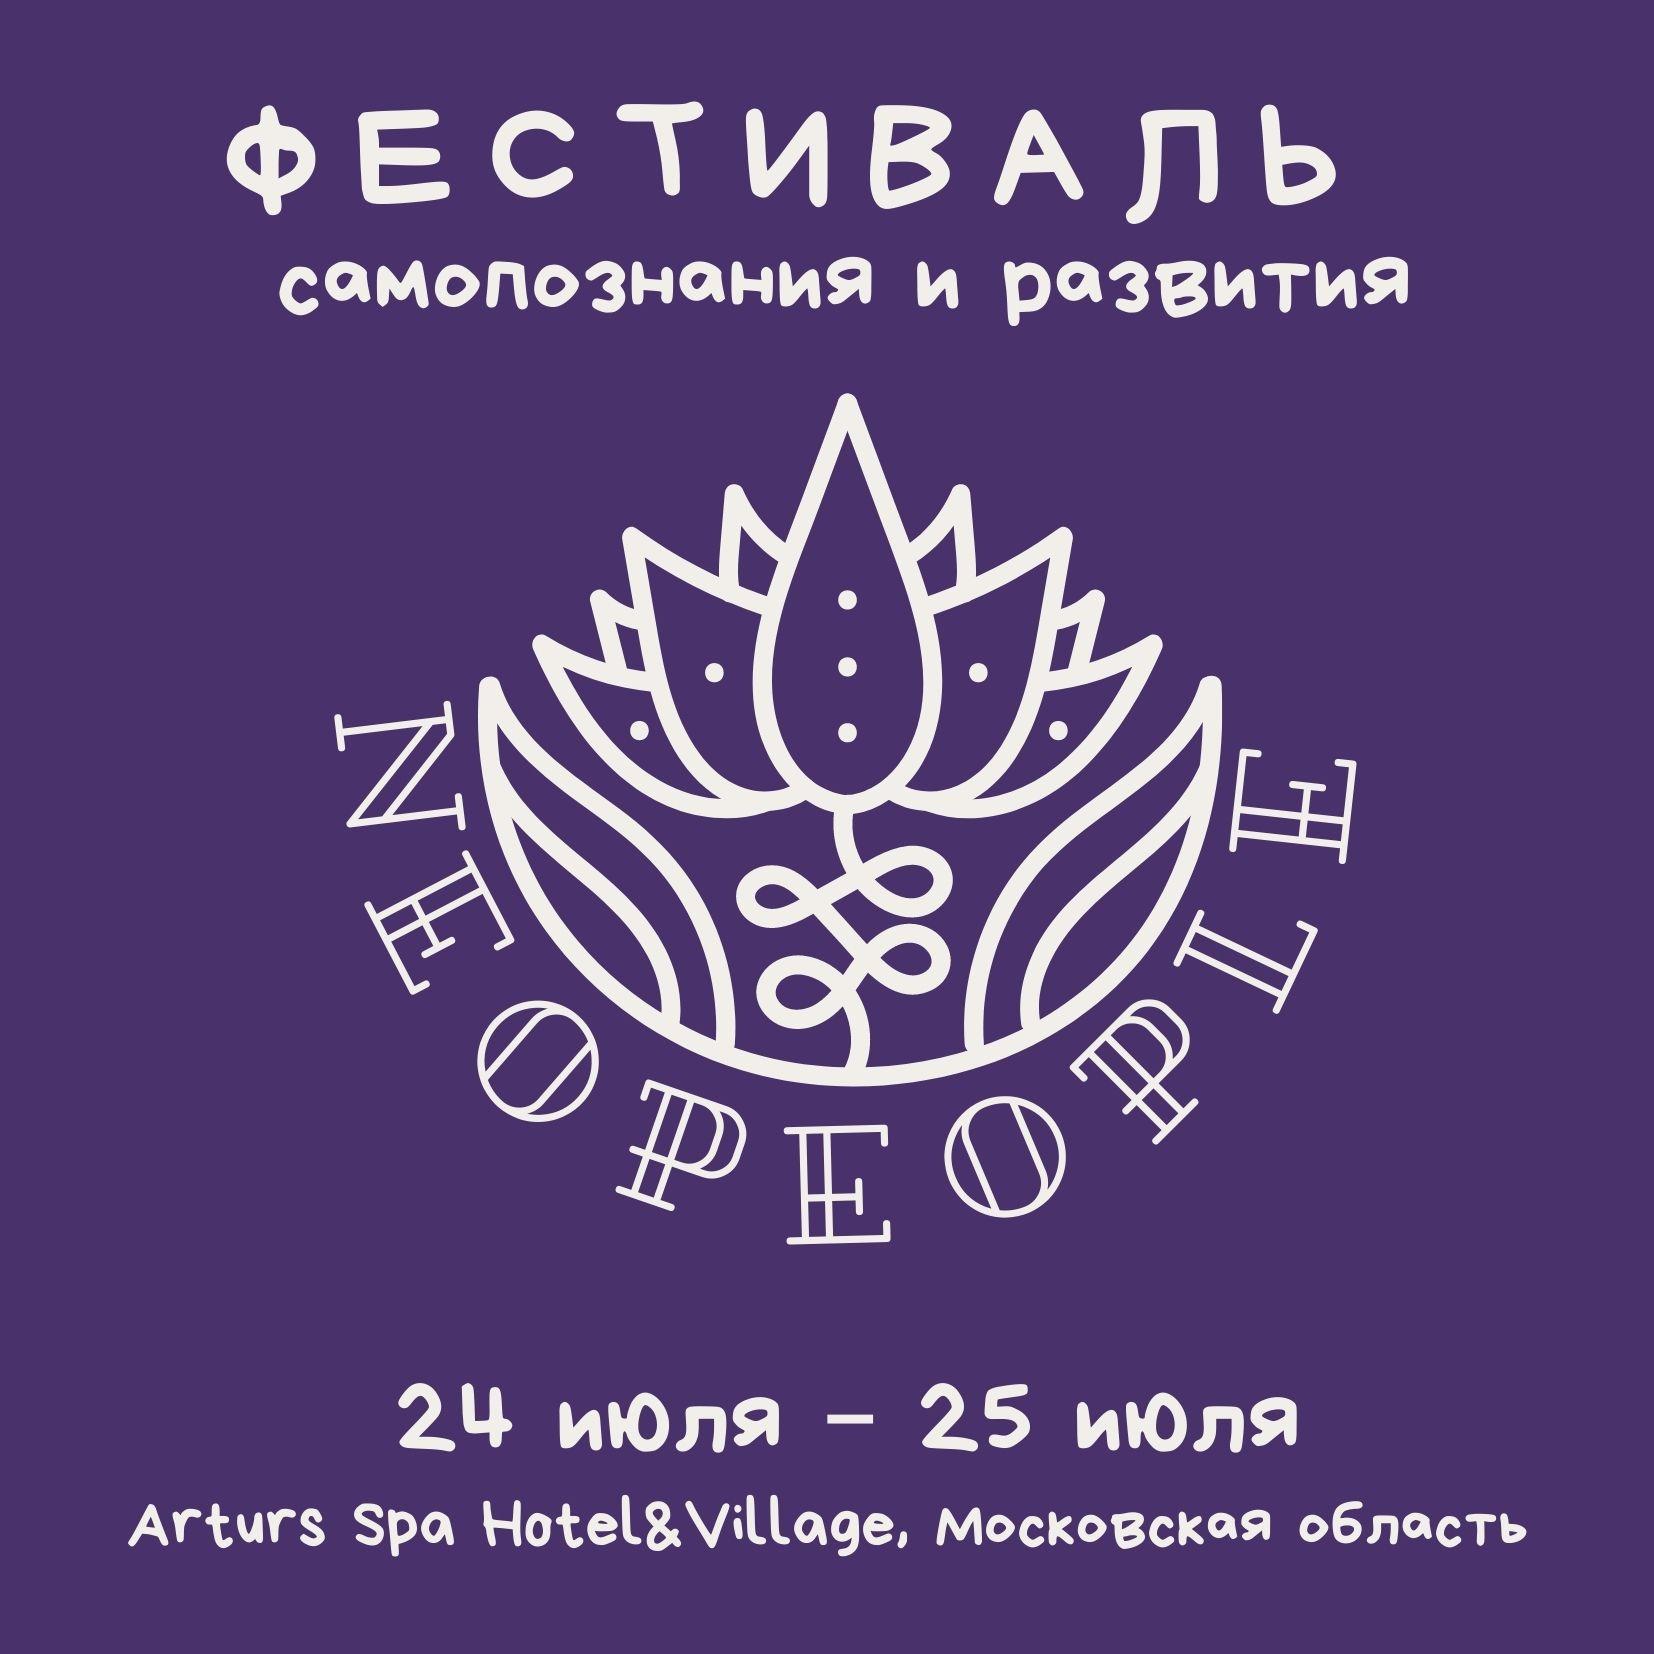 Разработка фирменного стиля фестиваля эзотерики фото f_974606e8f9585340.jpg